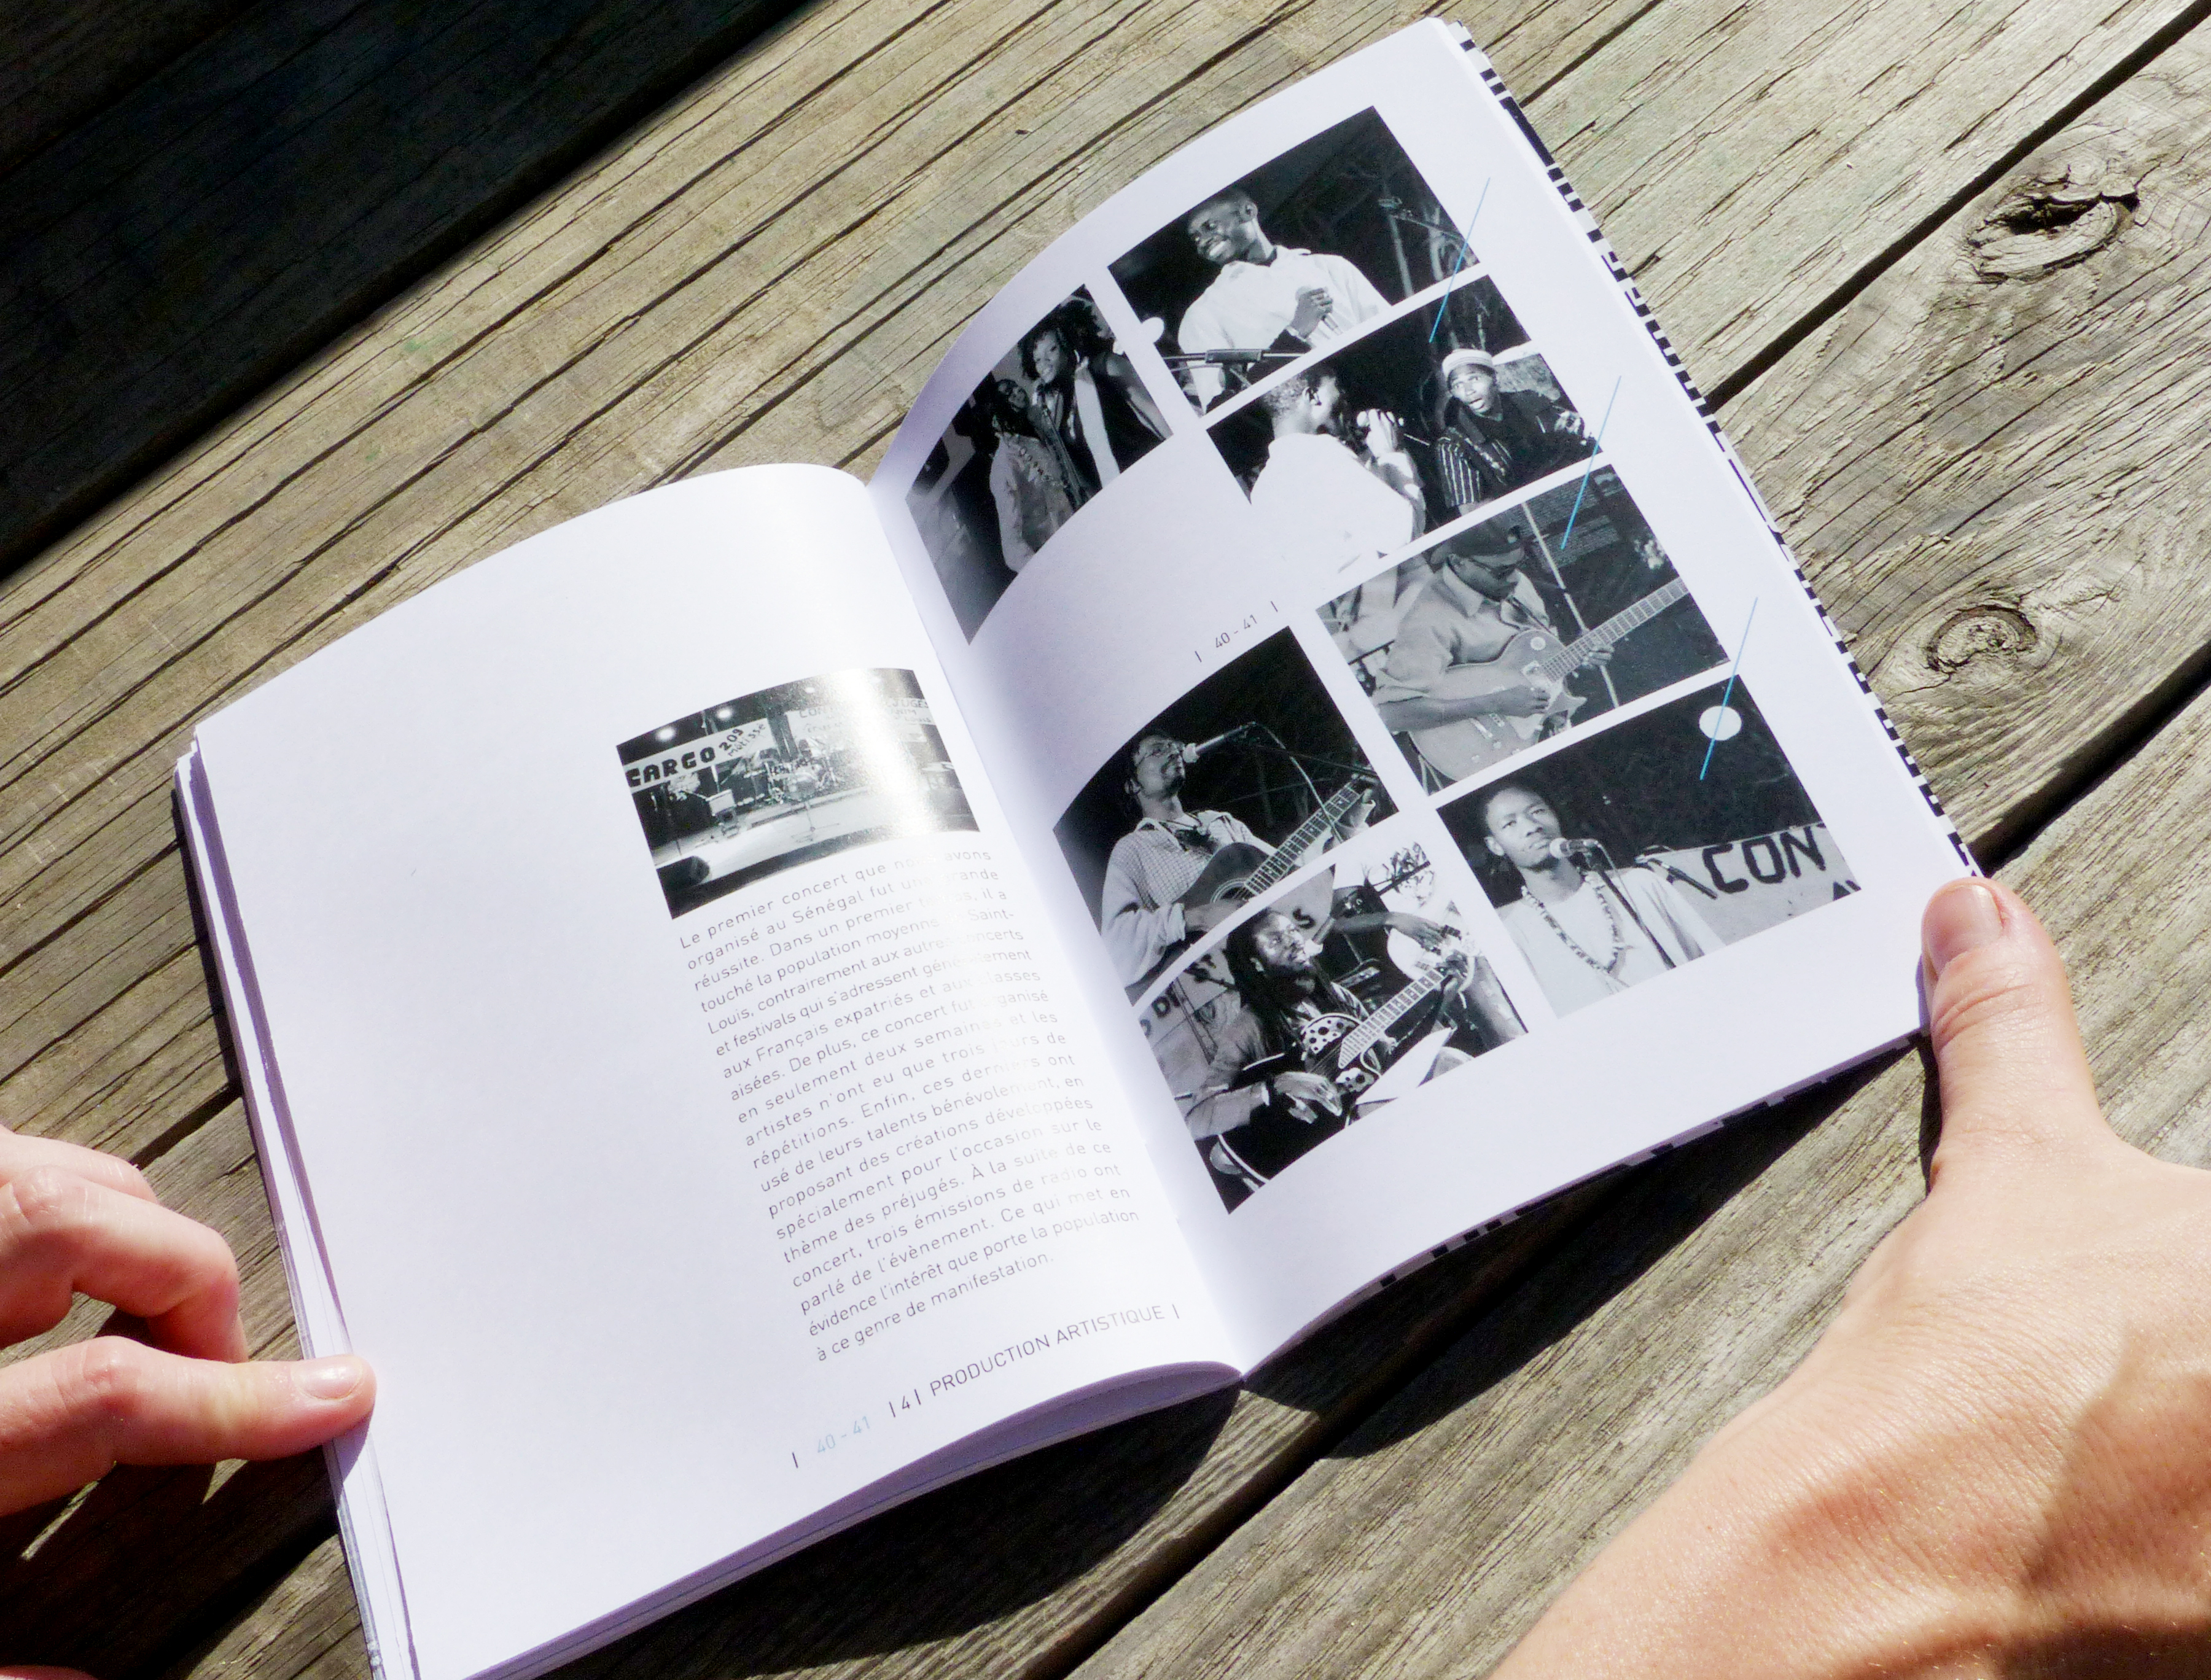 Extrait de brochure